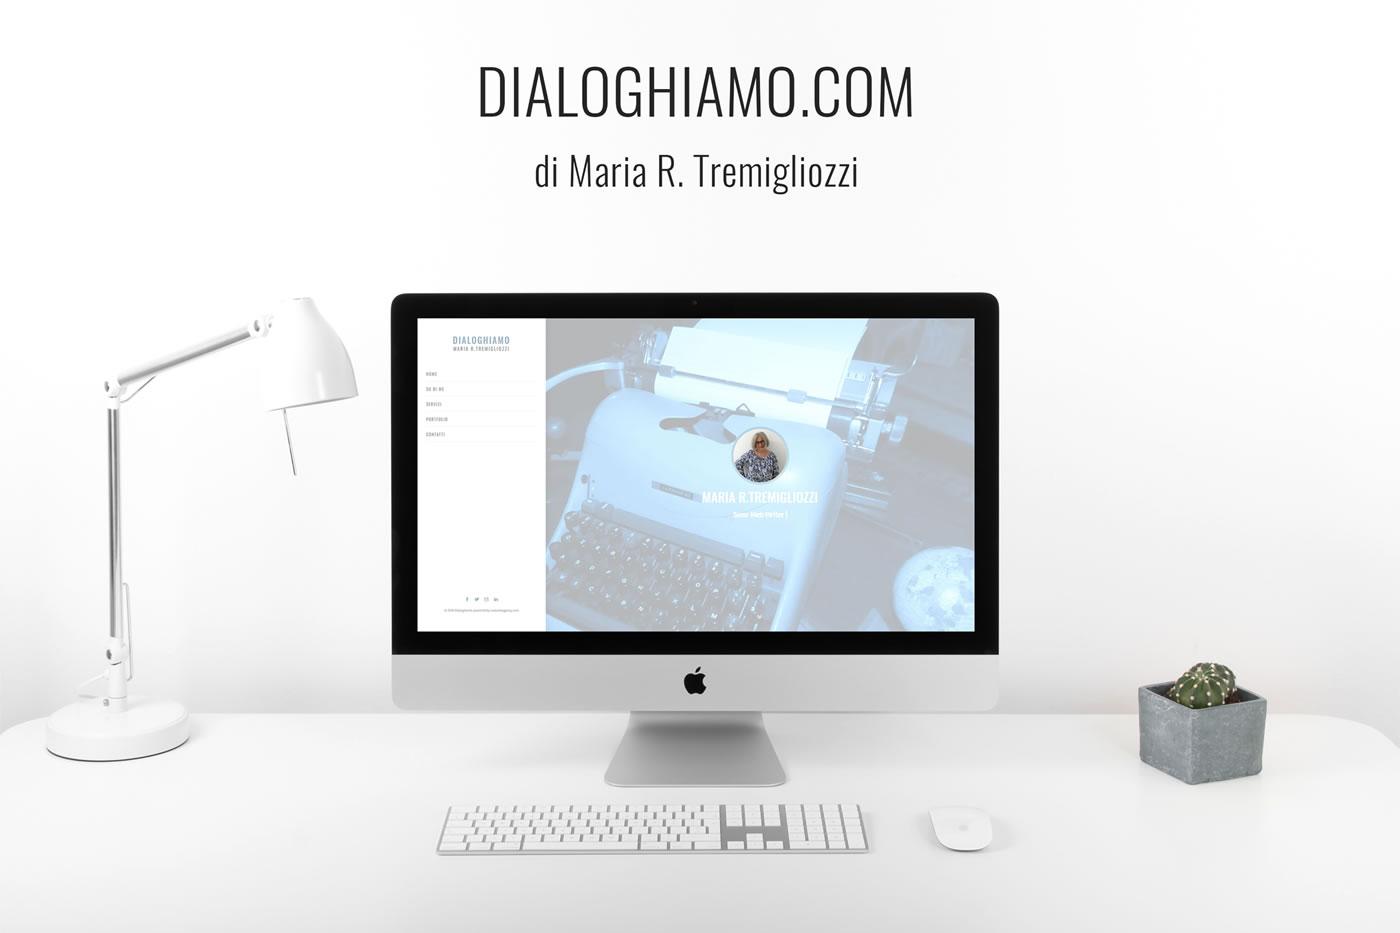 dialoghiamo.com Home